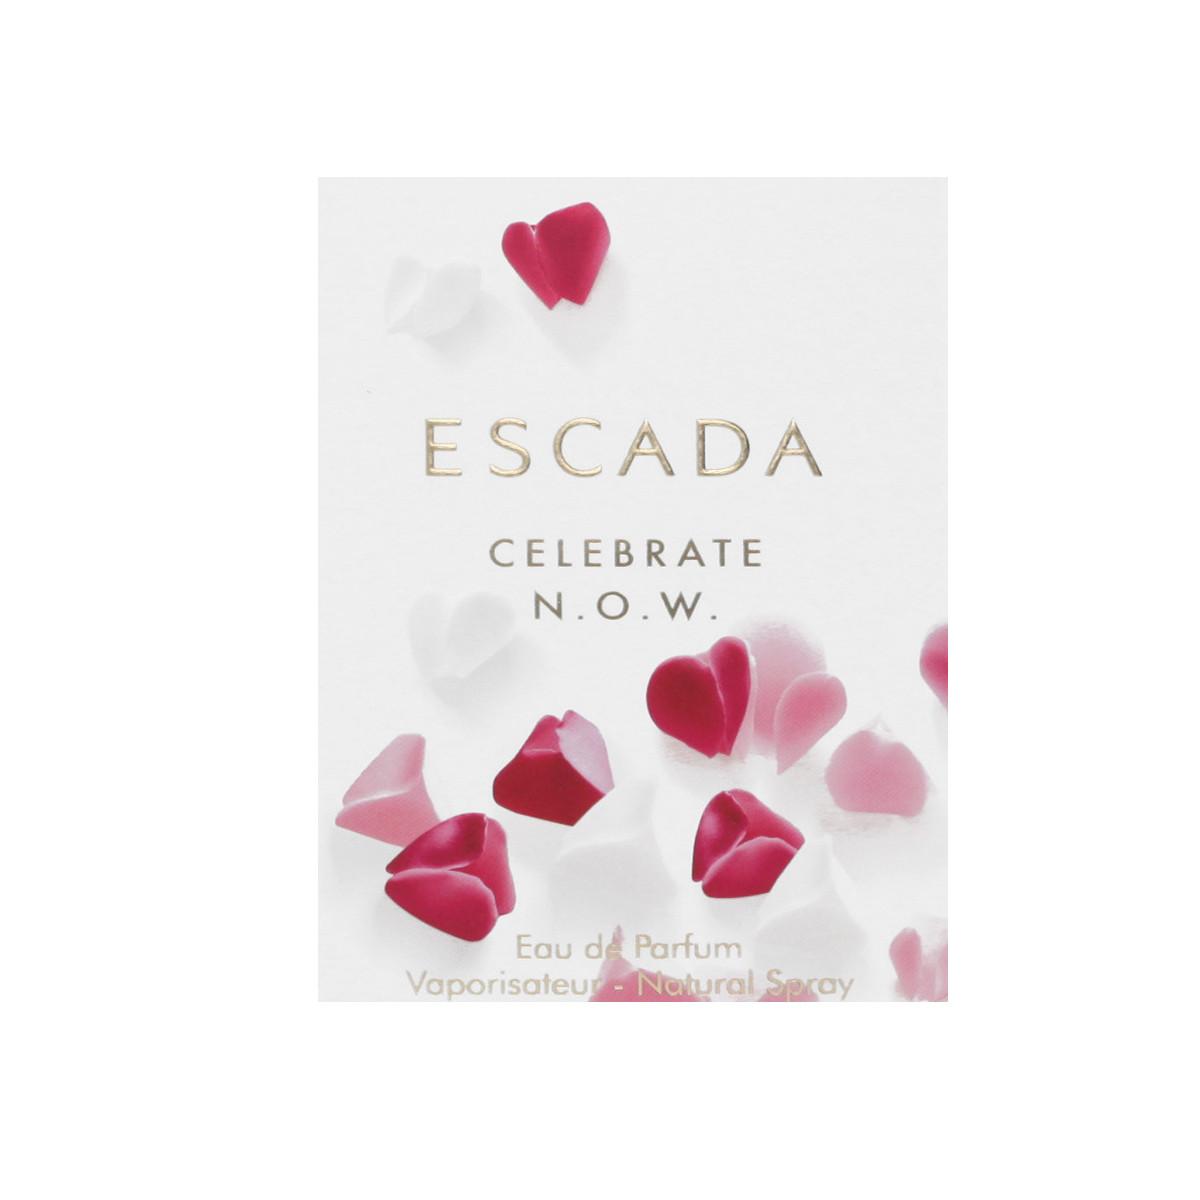 купить Escada Celebrate Now Edp Vial L 15 парфюмерия женская в